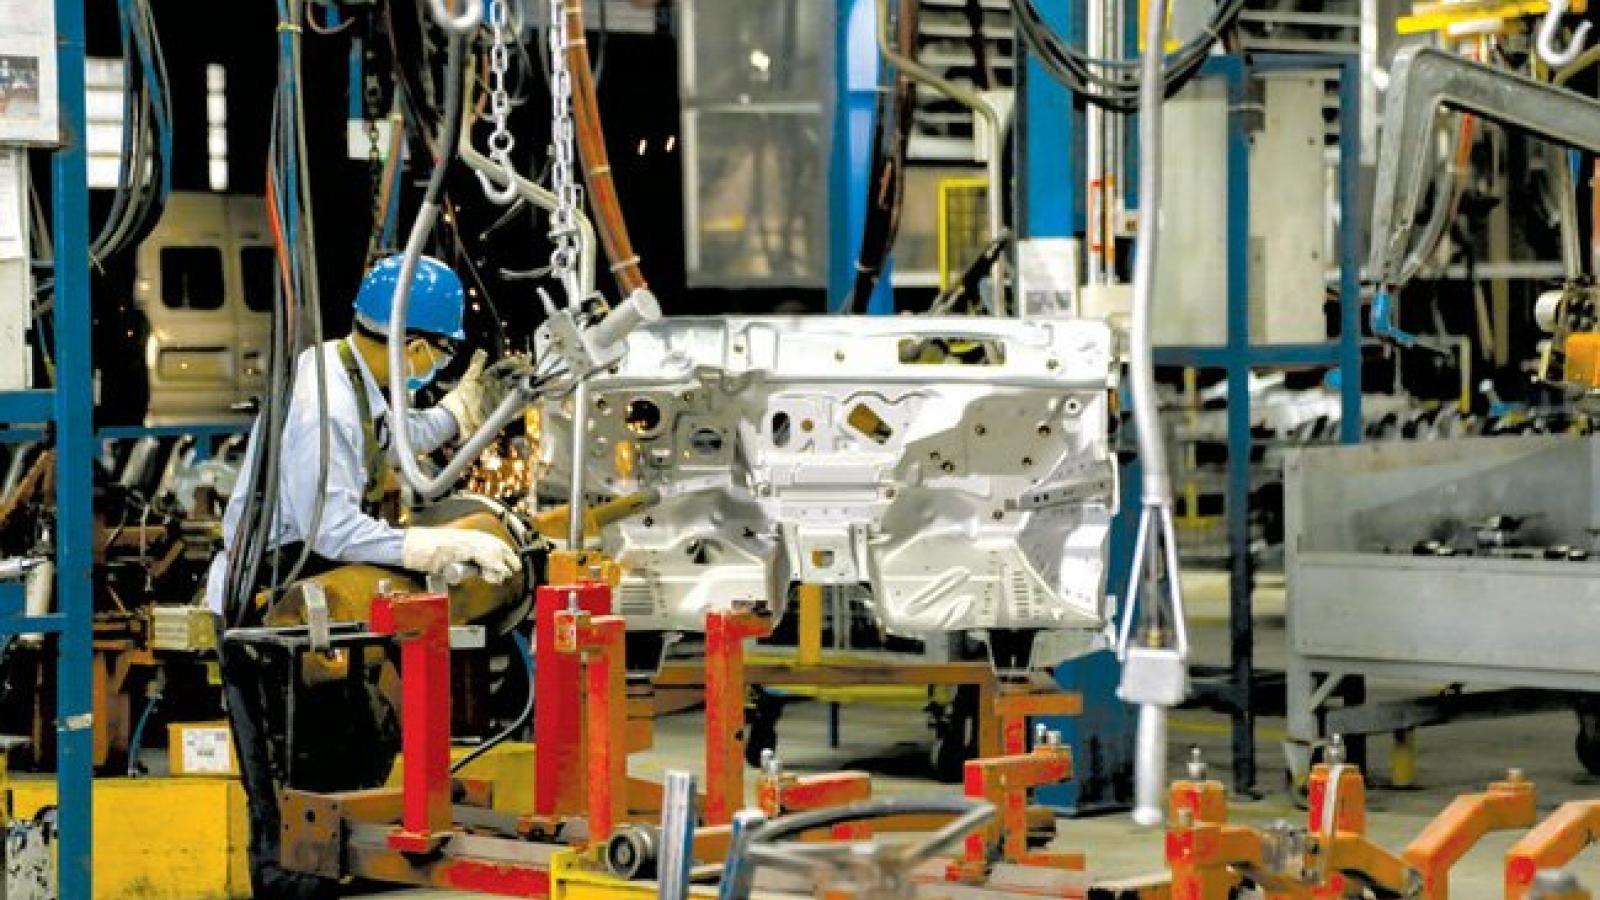 Thủ tướng ban hành chỉ thị phục hồi sản xuất tại các khu vực sản xuất công nghiệp